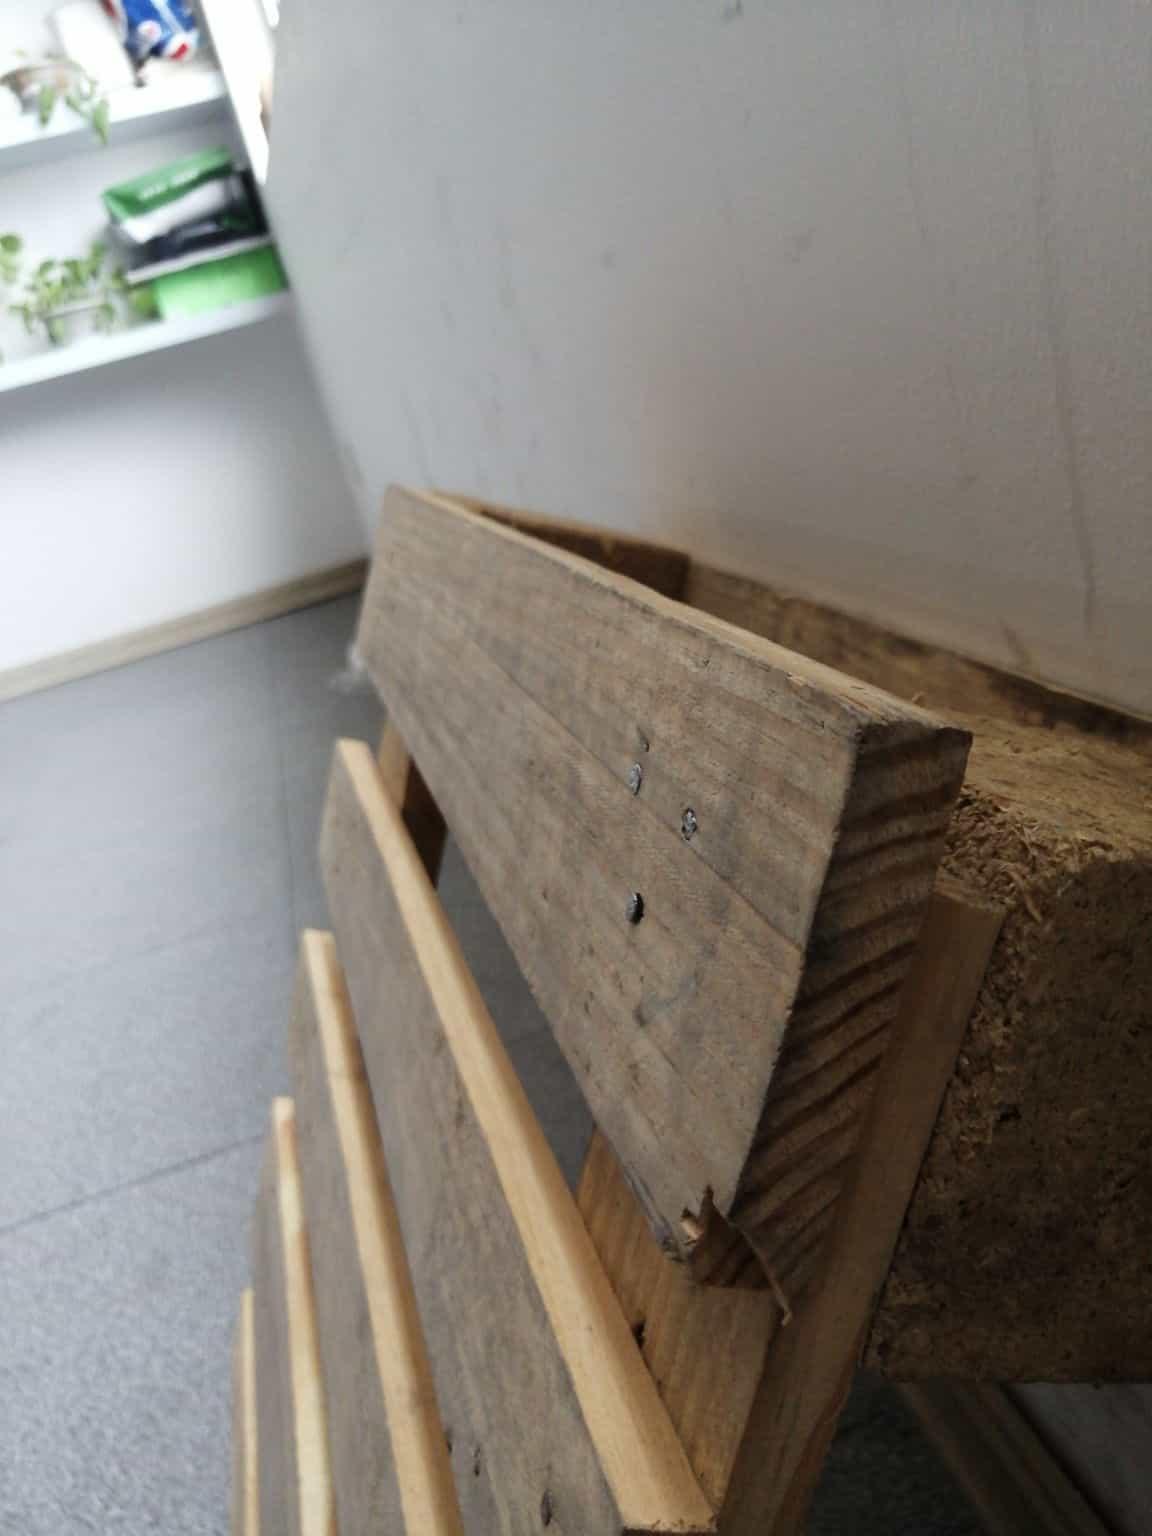 吕梁出口木托盘熏蒸处理专家公司为您介绍好的木托盘应